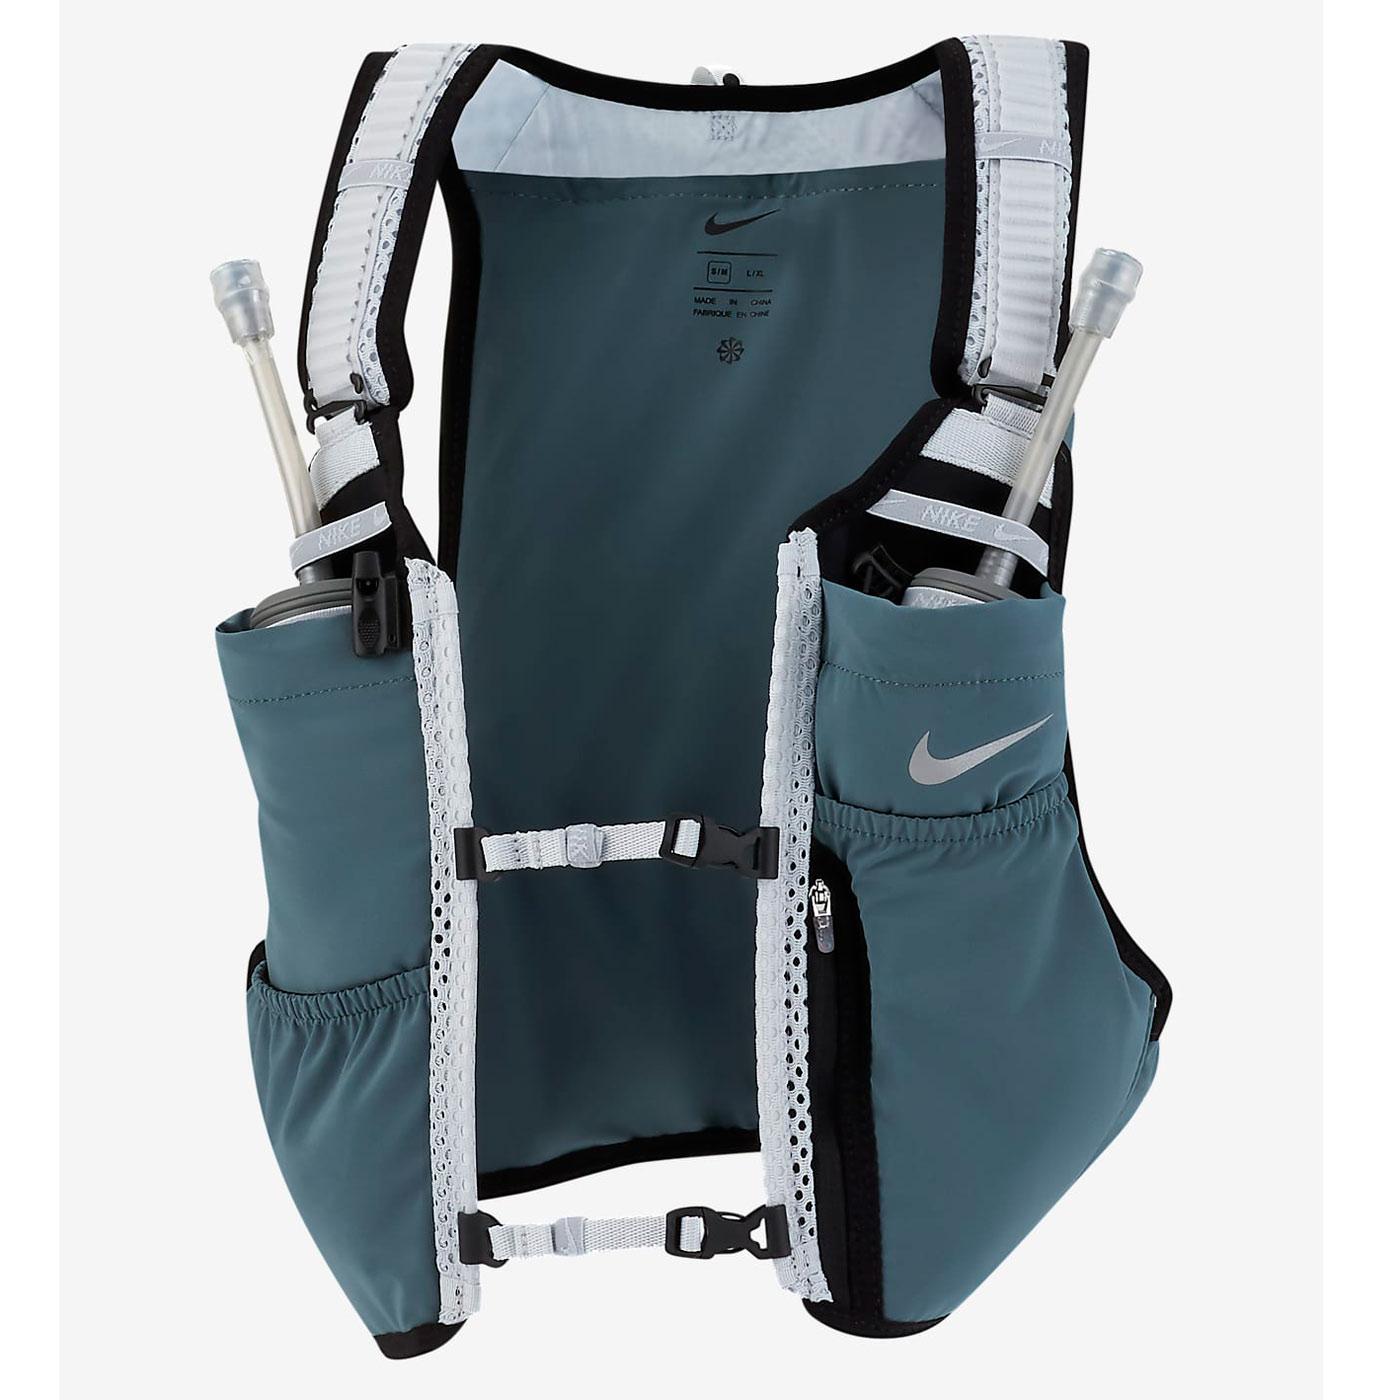 Nike Men's Kiger Vest 4.0 - hasta/black/pure platinum/silver 301